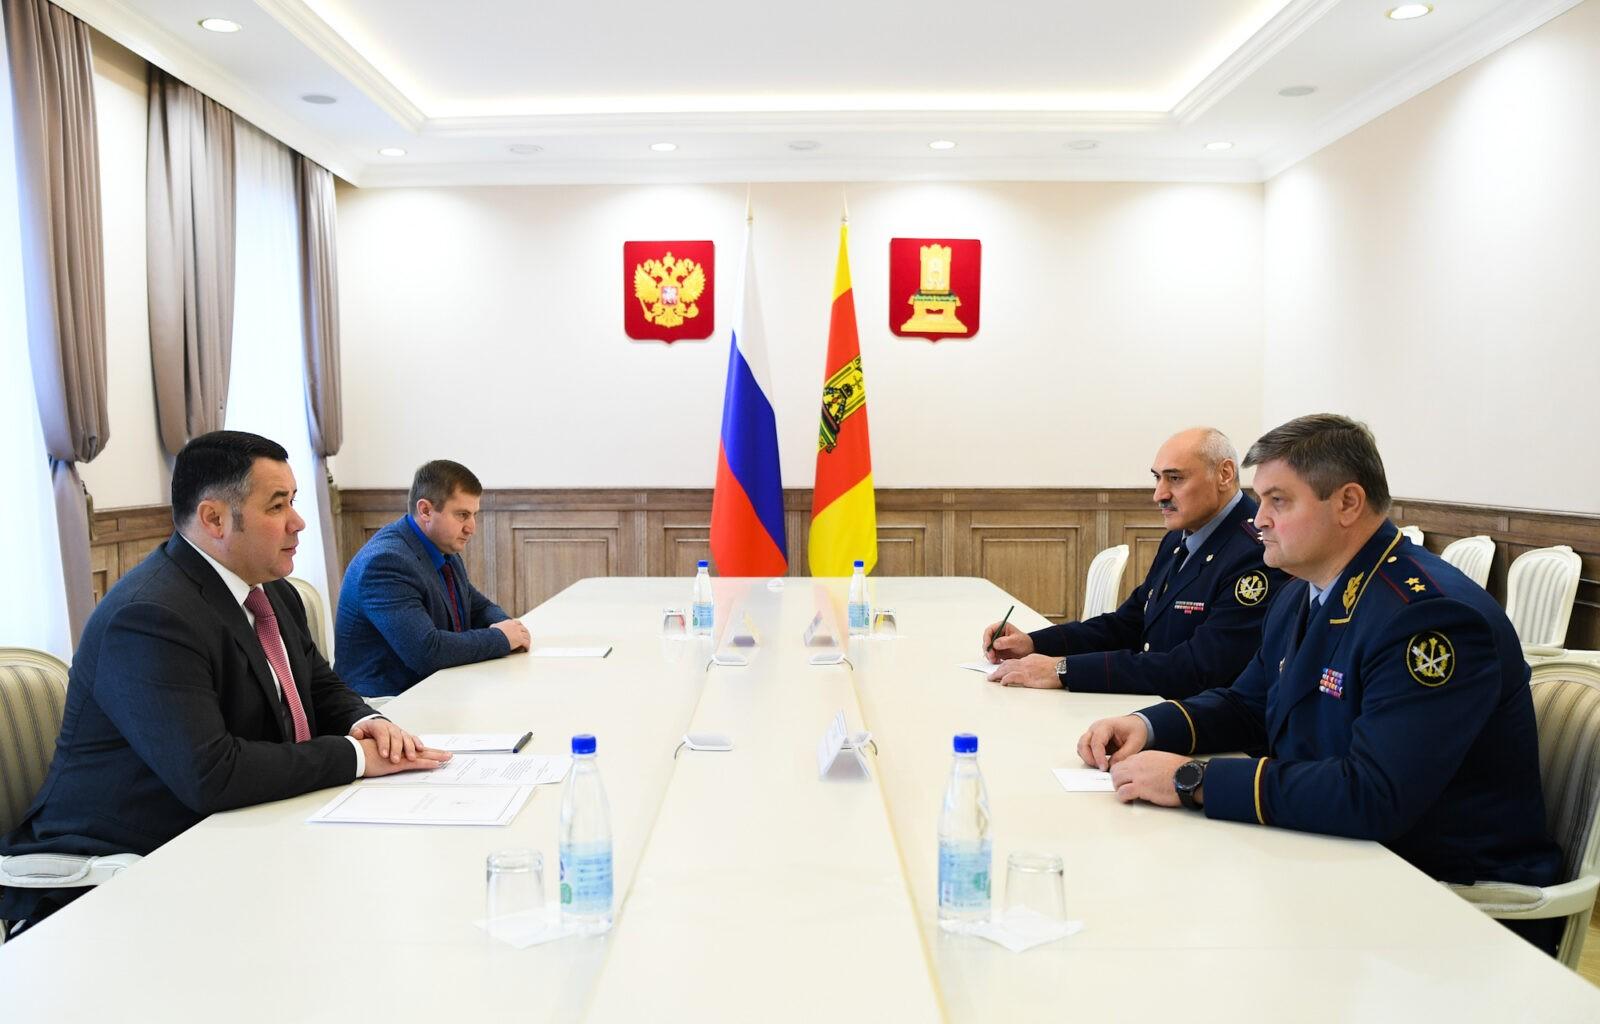 Губернатору официально представили нового начальника УФСИН по Тверской области